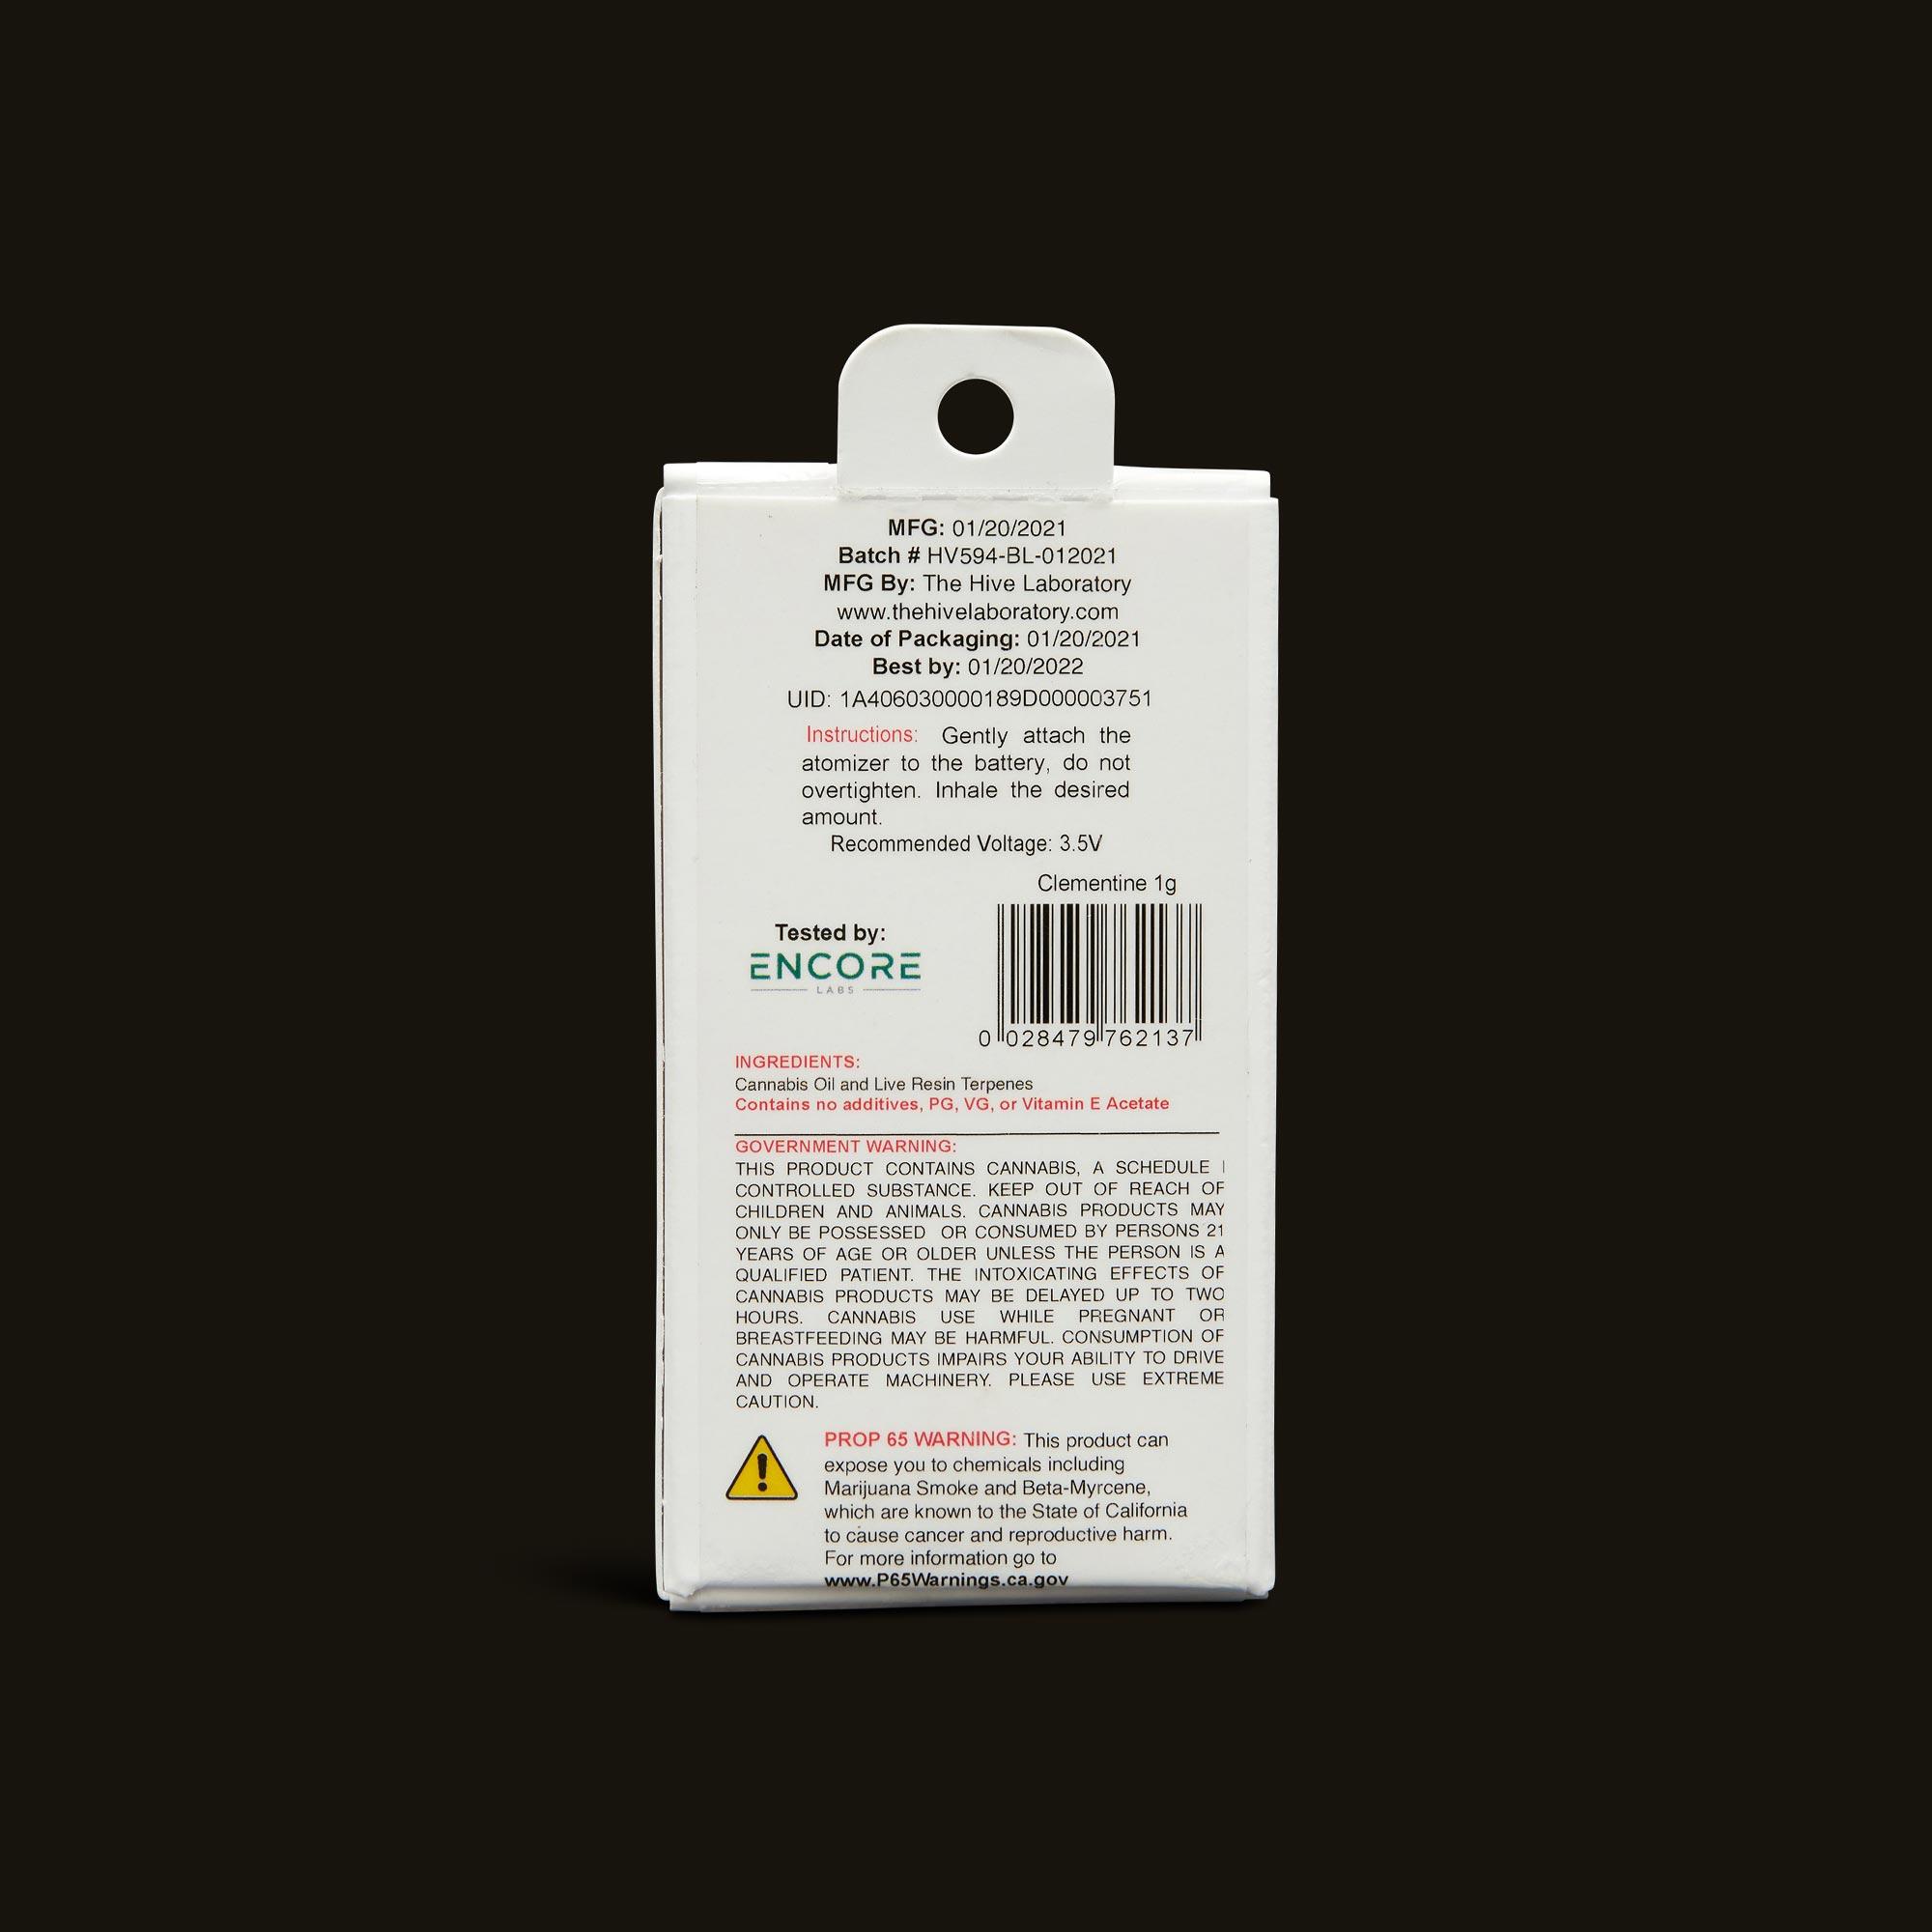 Bloom Brands Vape Pen - Clementine Live Resin Cartridge - 1g